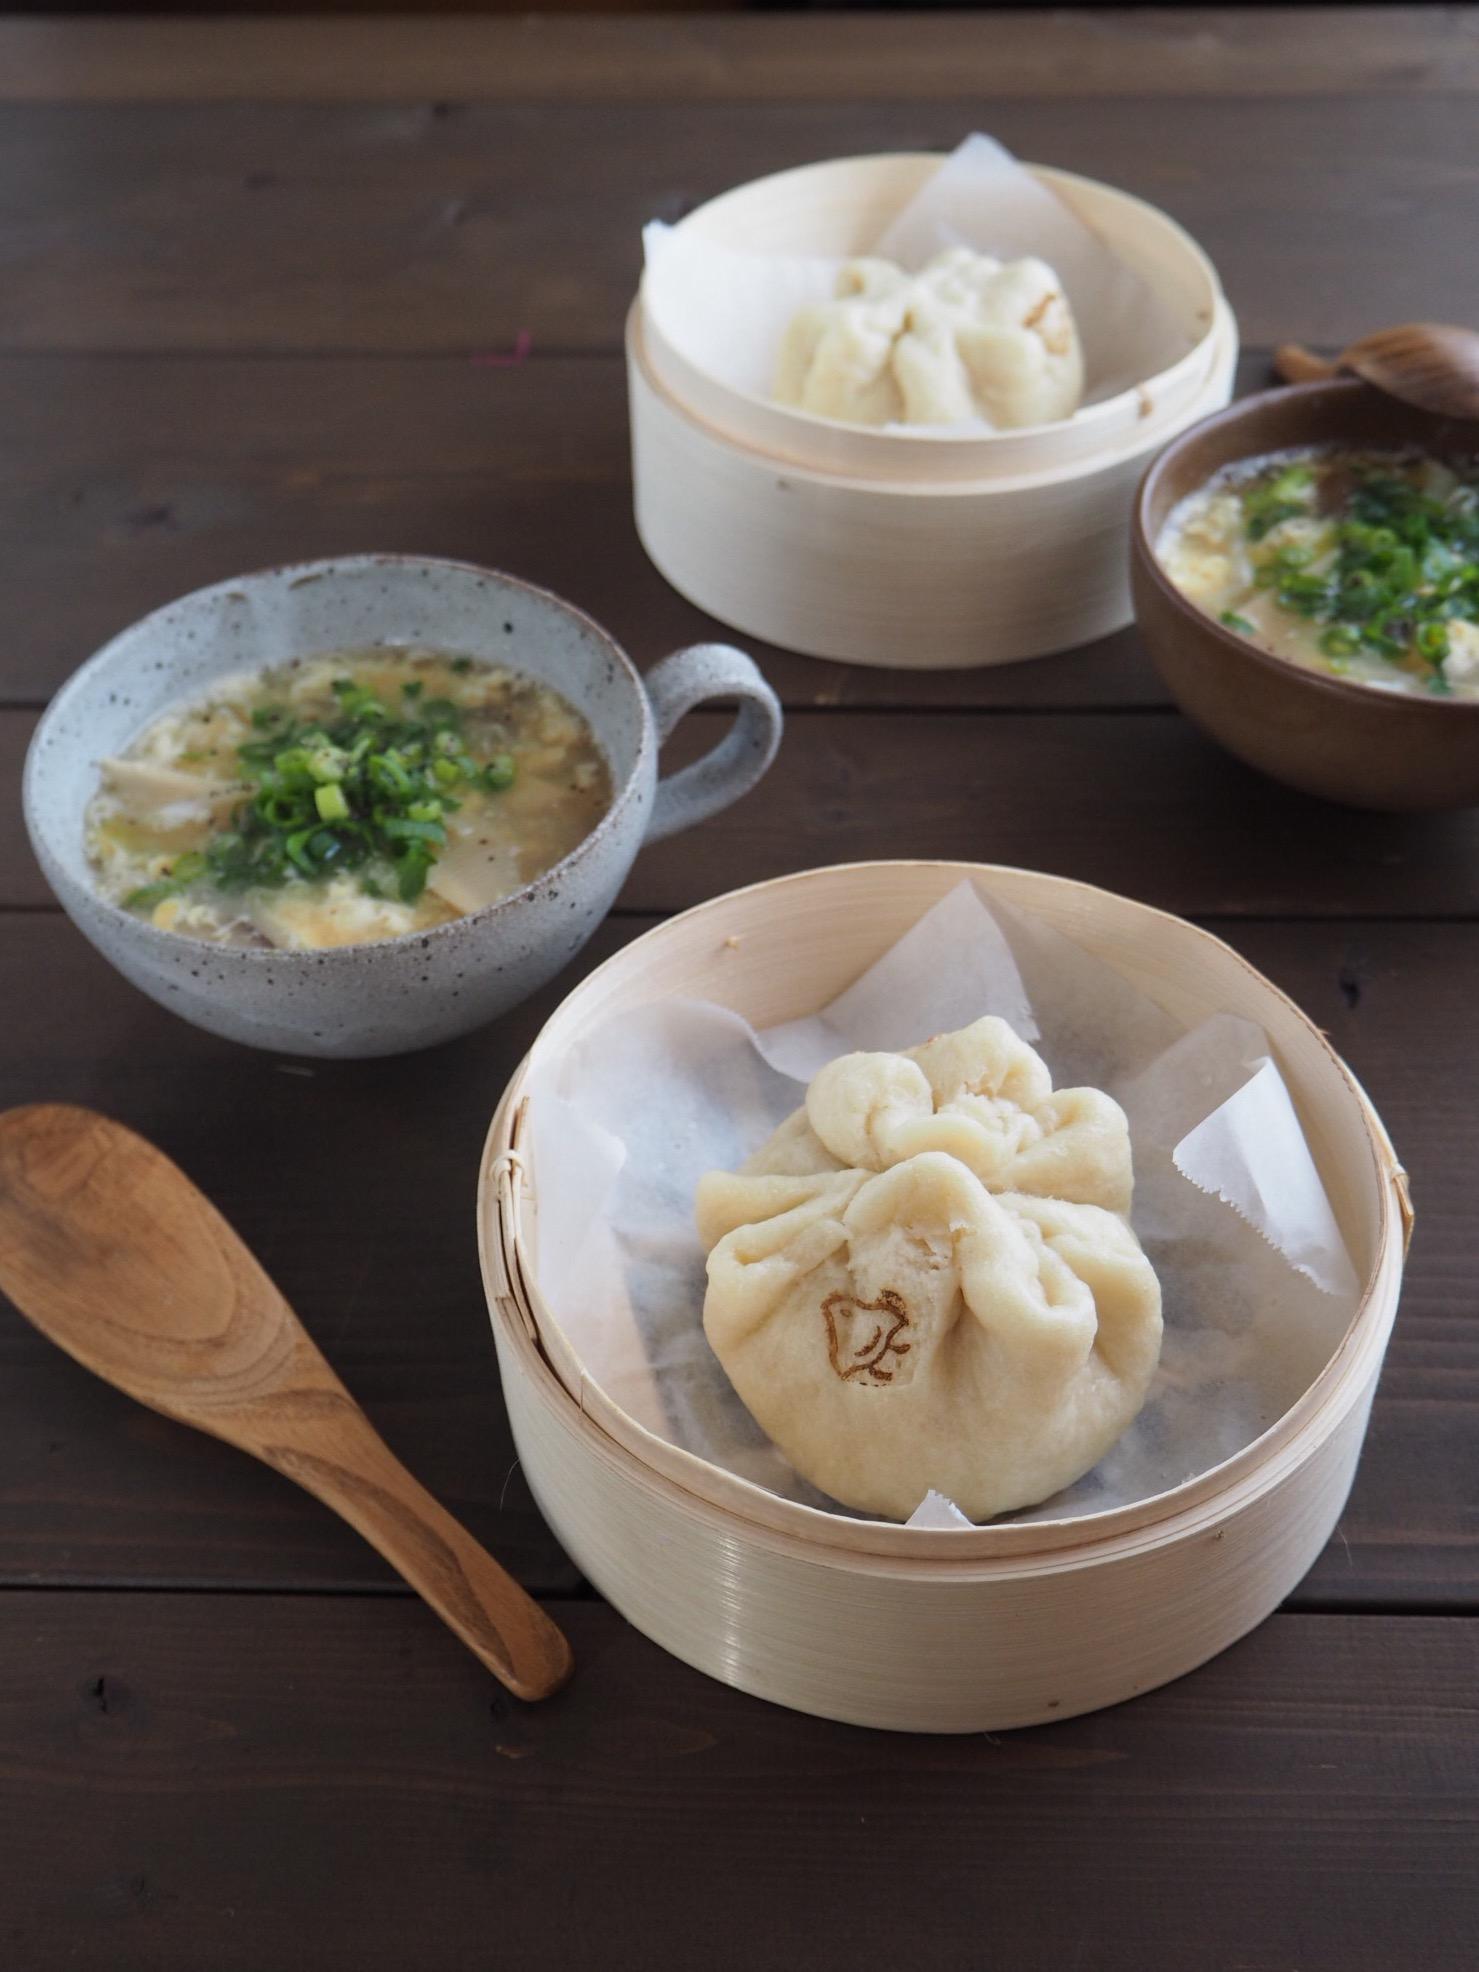 手作り肉まん&春キャベツと筍の中華スープで朝ごぱん_c0270834_13241119.jpg